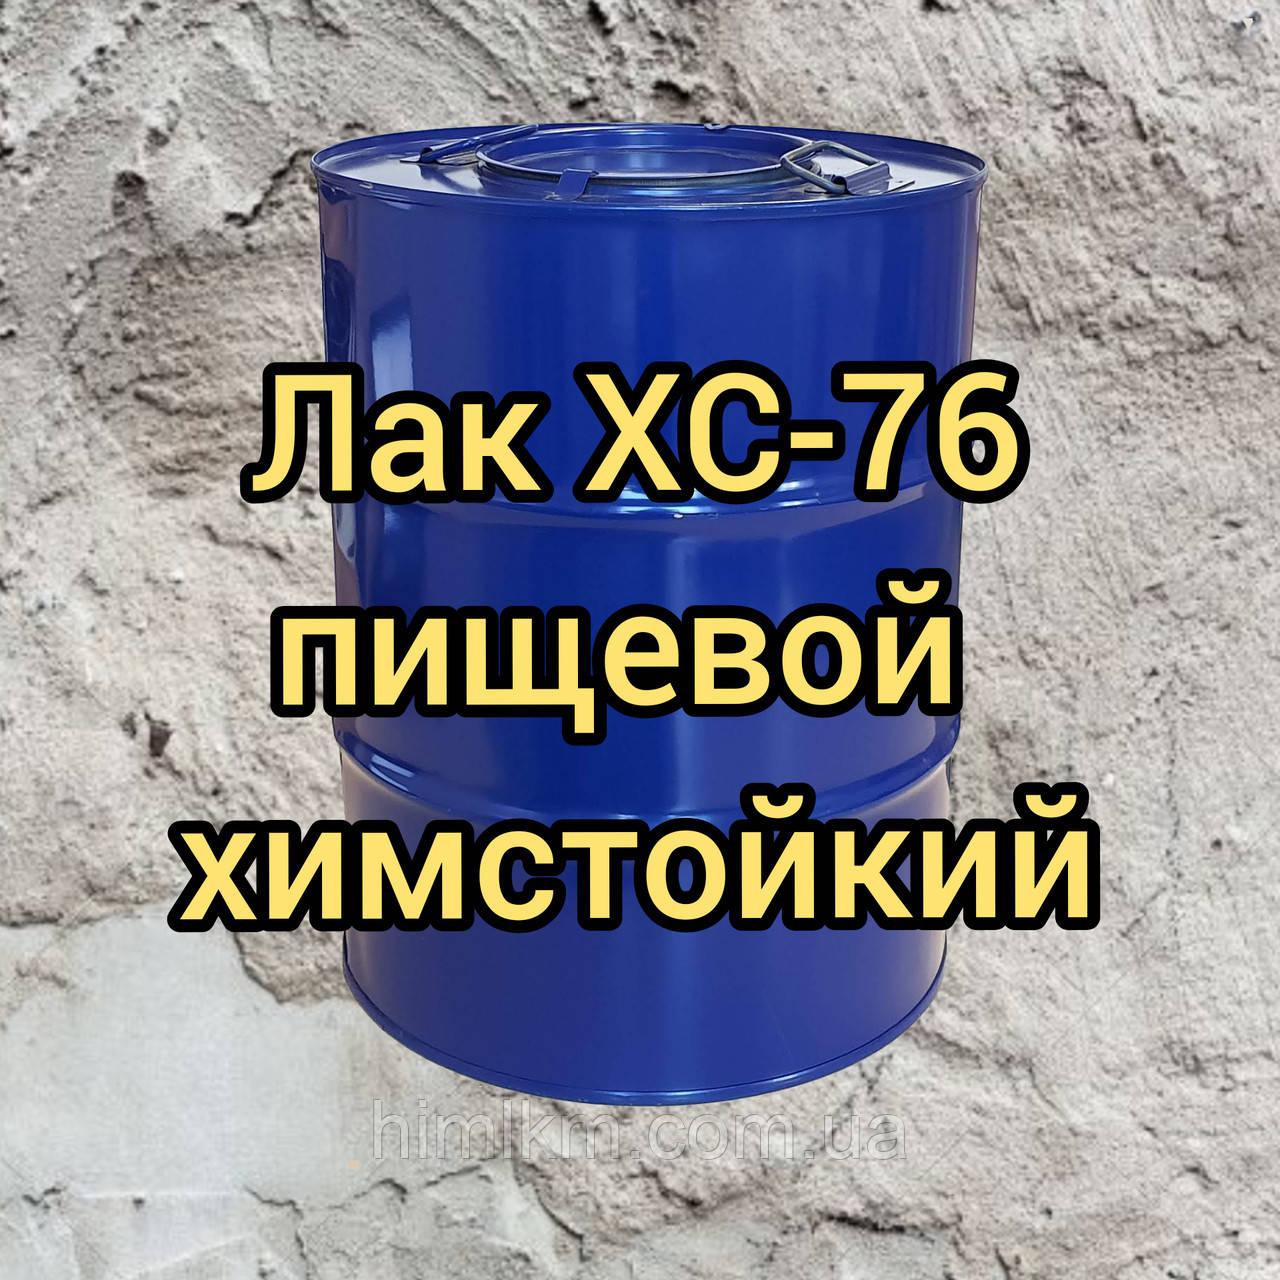 Лак пищевой ХС-76 химстойкий, 50кг